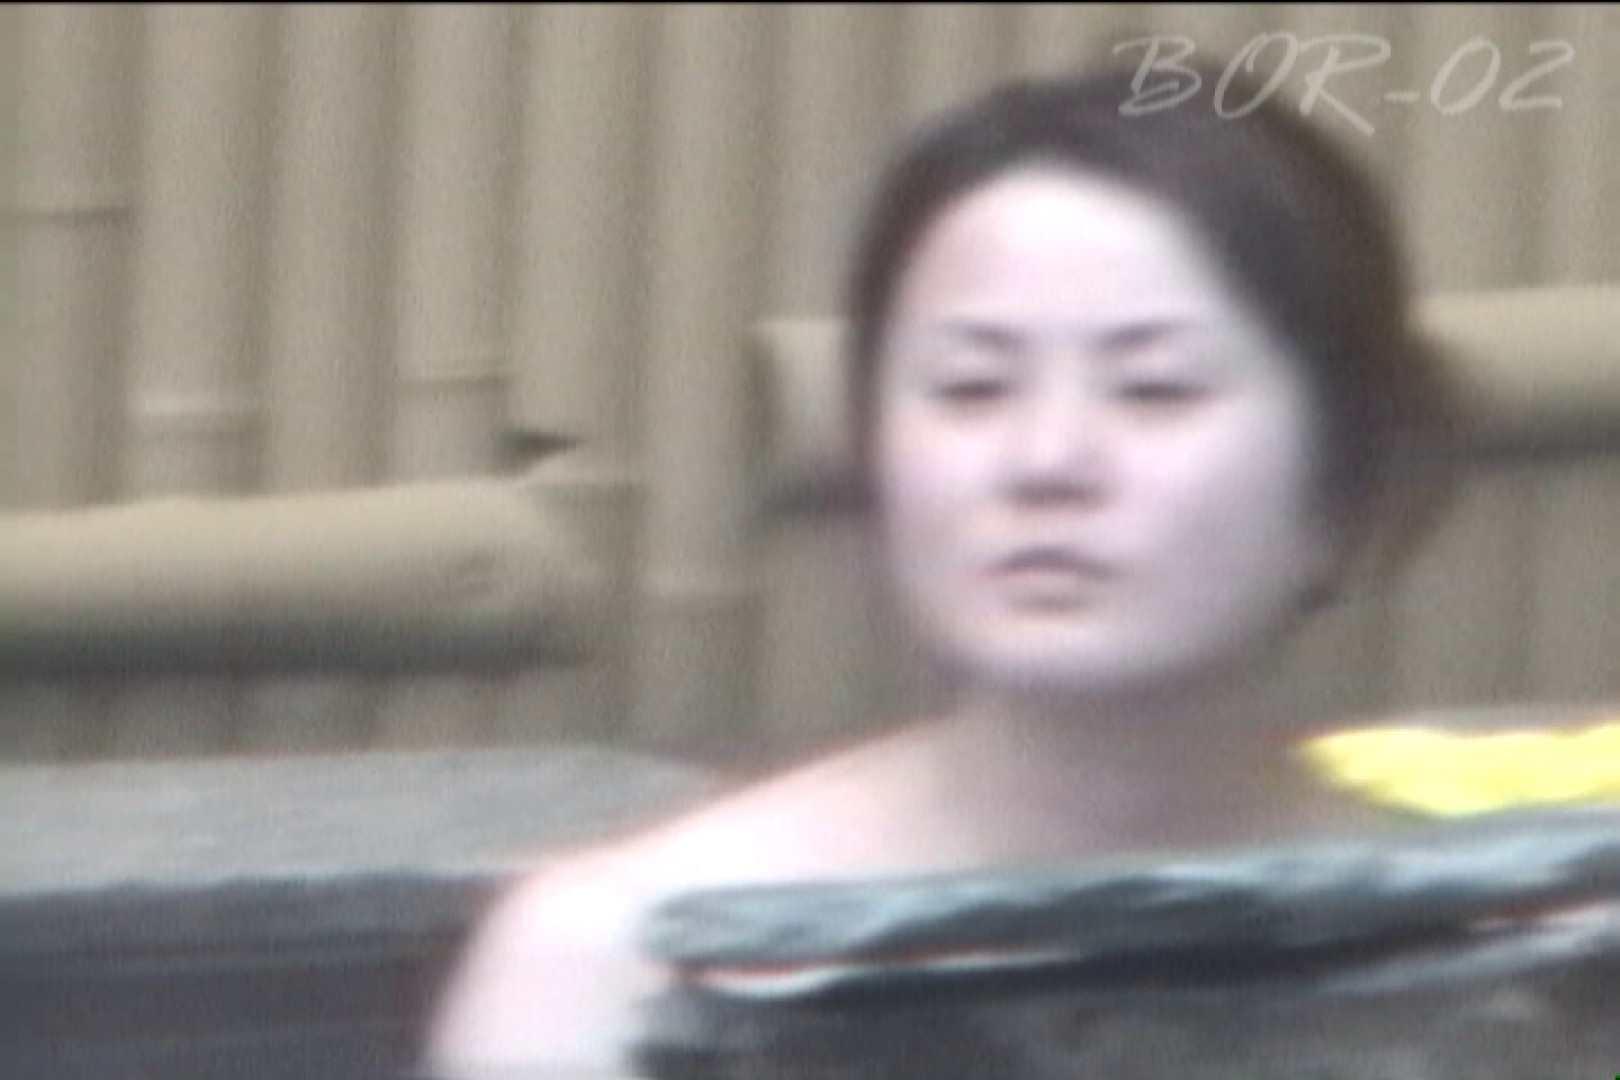 Aquaな露天風呂Vol.474 エッチな盗撮 ワレメ動画紹介 113pic 2